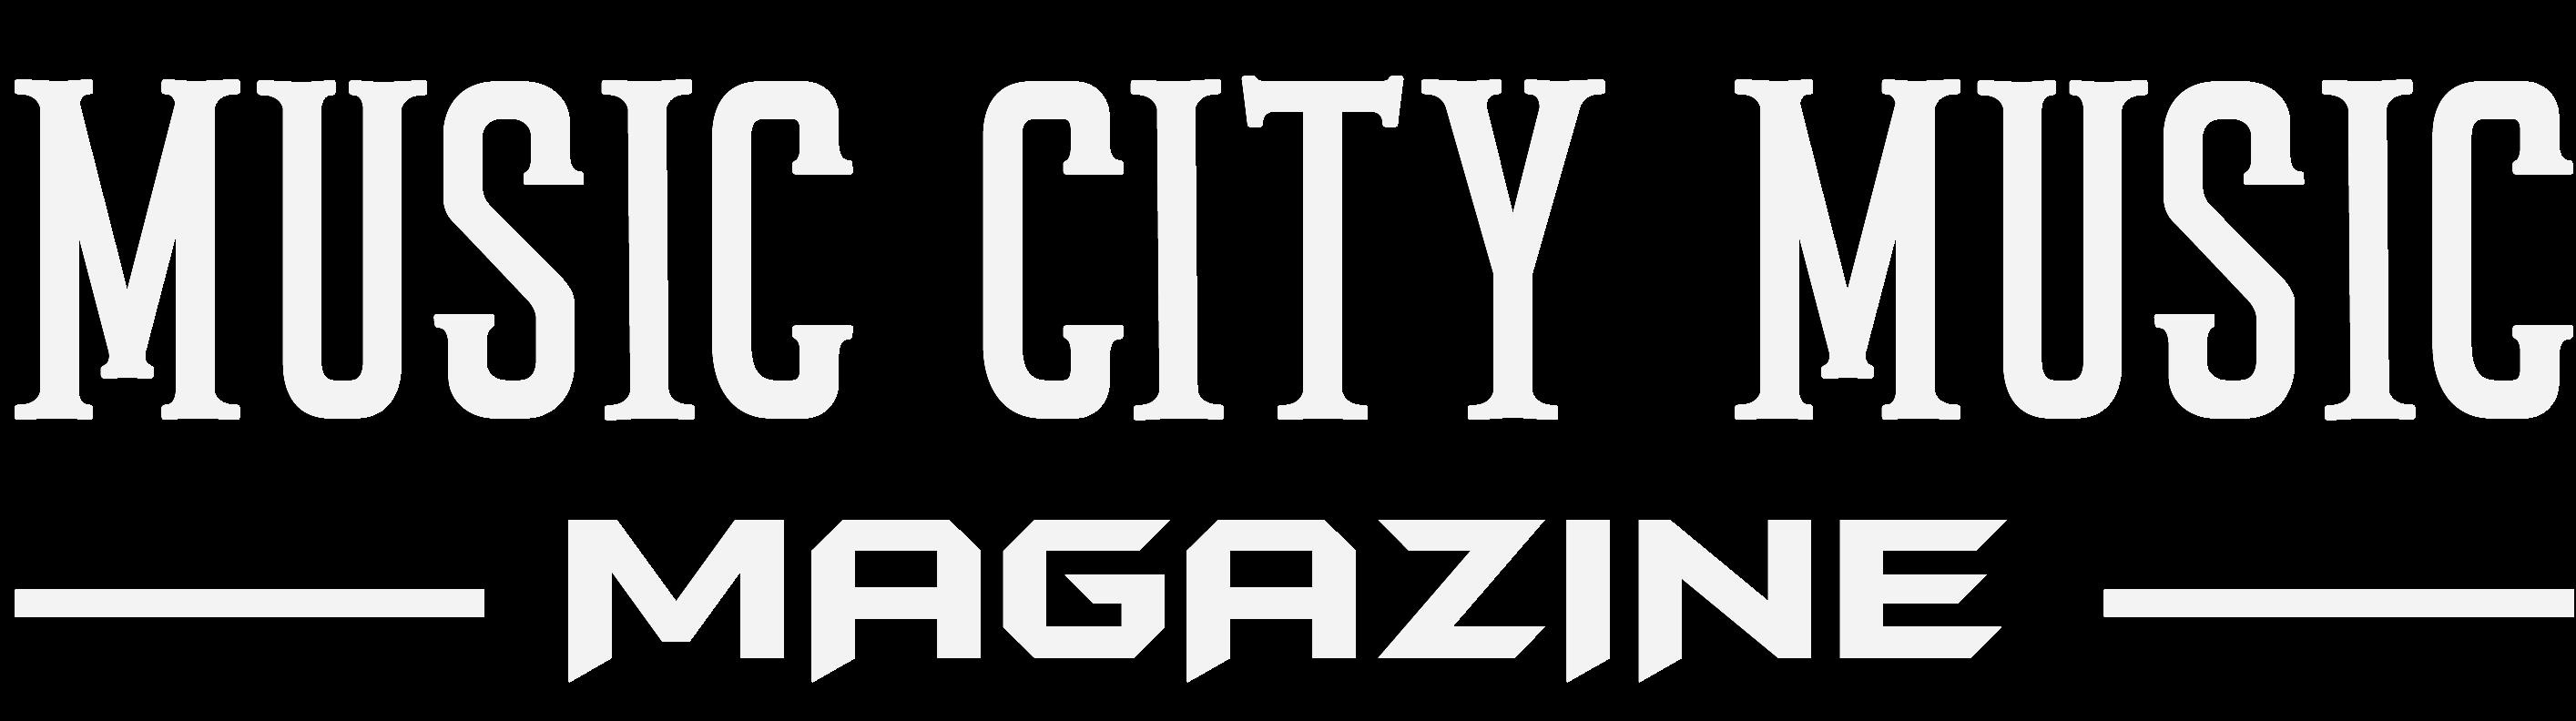 Music City Music Magazine